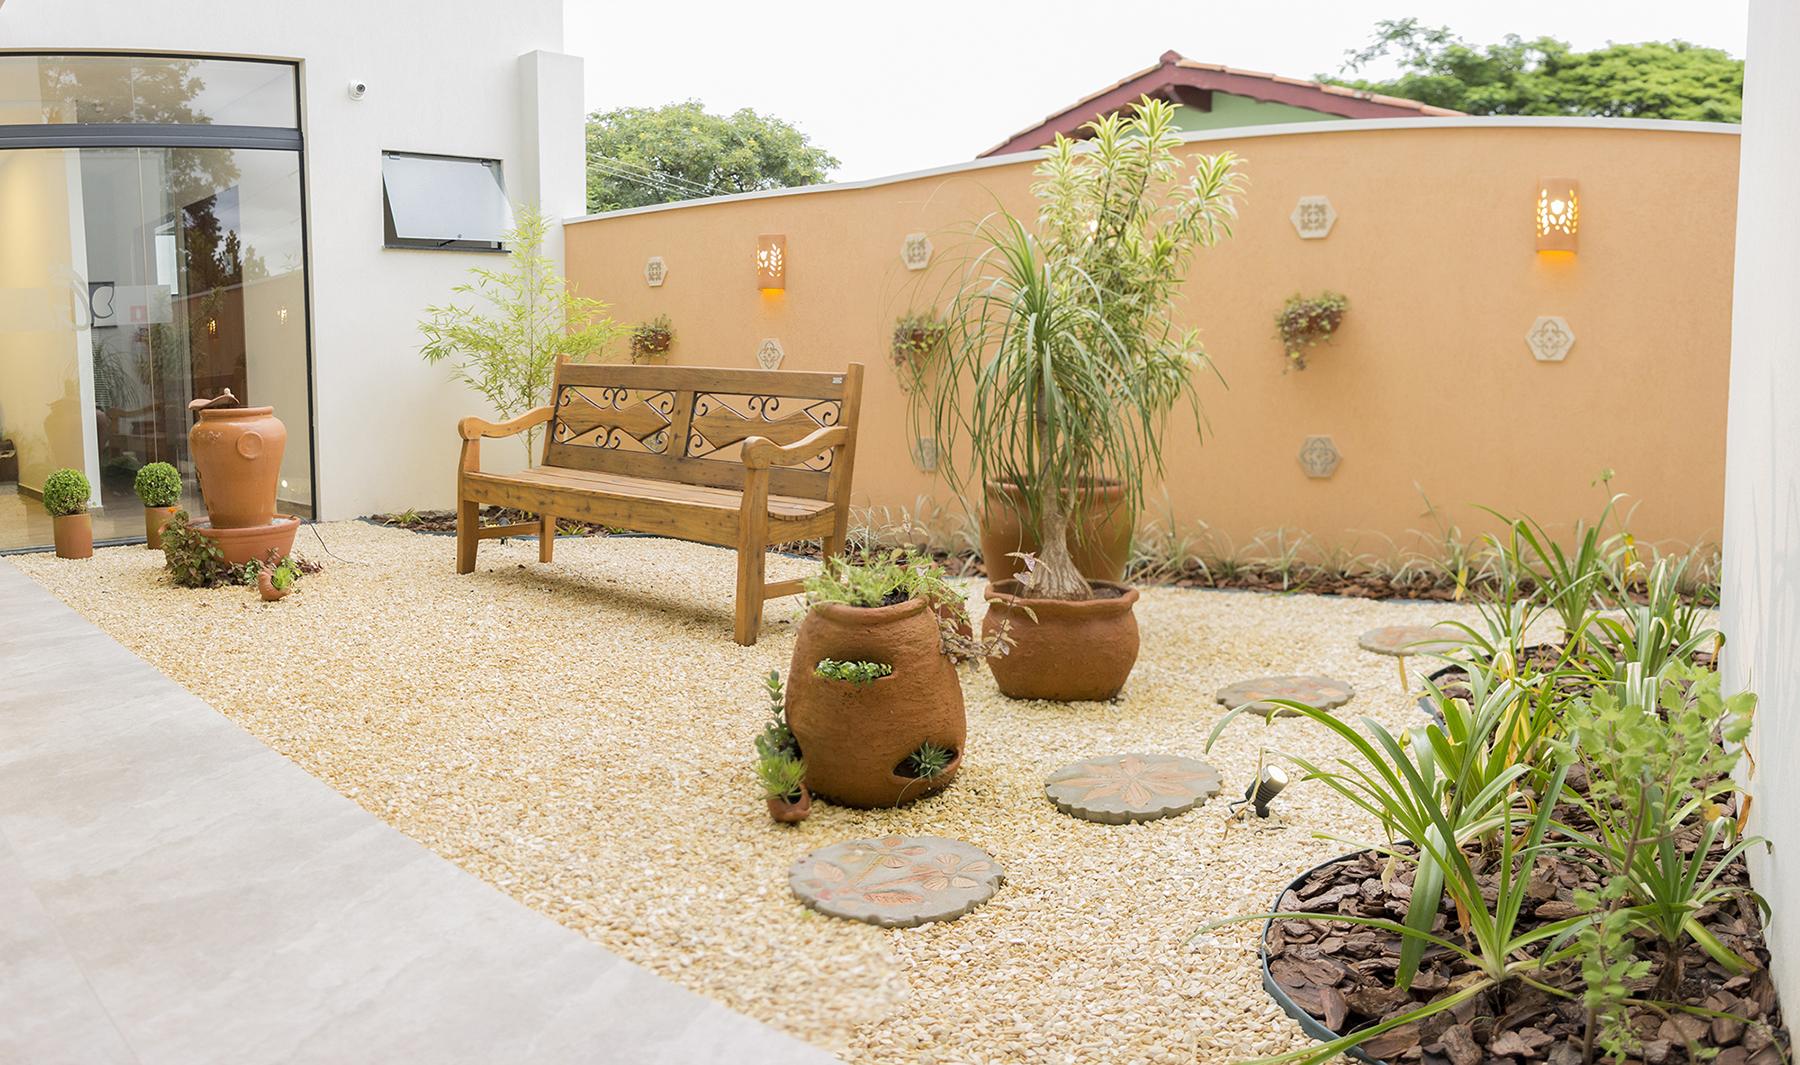 jardim-1-bx Home